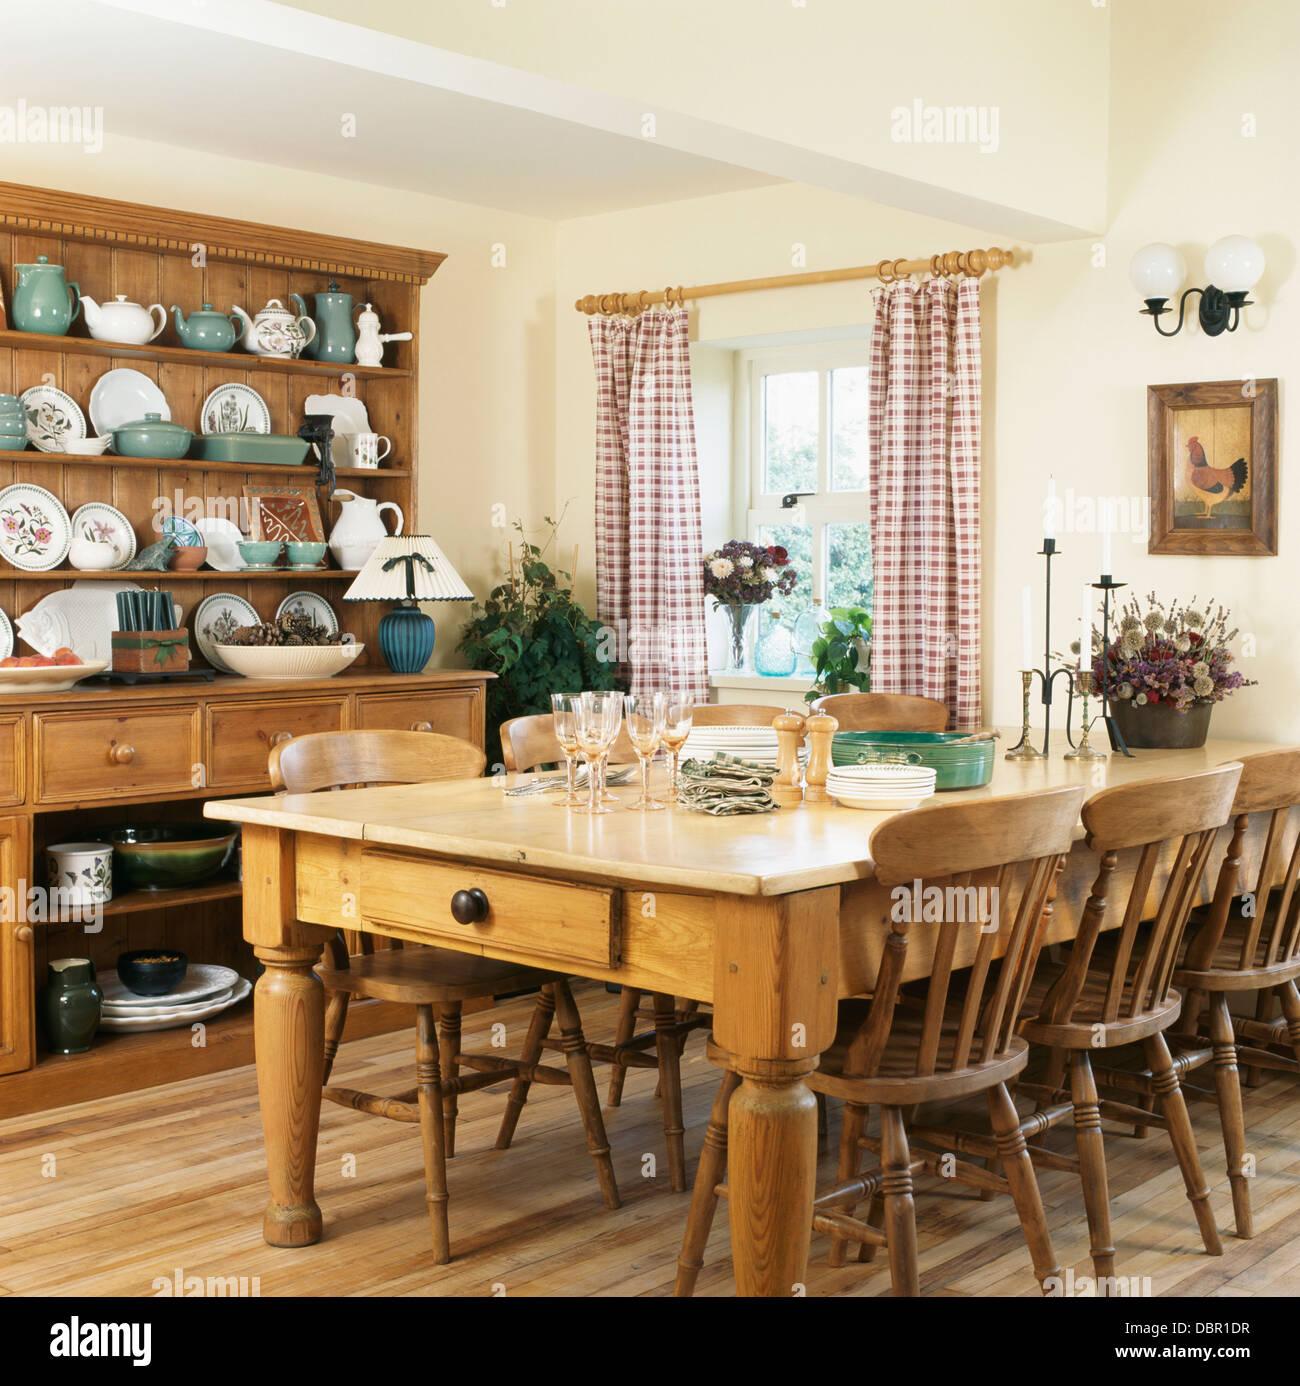 Pine Mesa E Cadeiras E Pinheiros De Grande Dresser No Pa S Cozinha